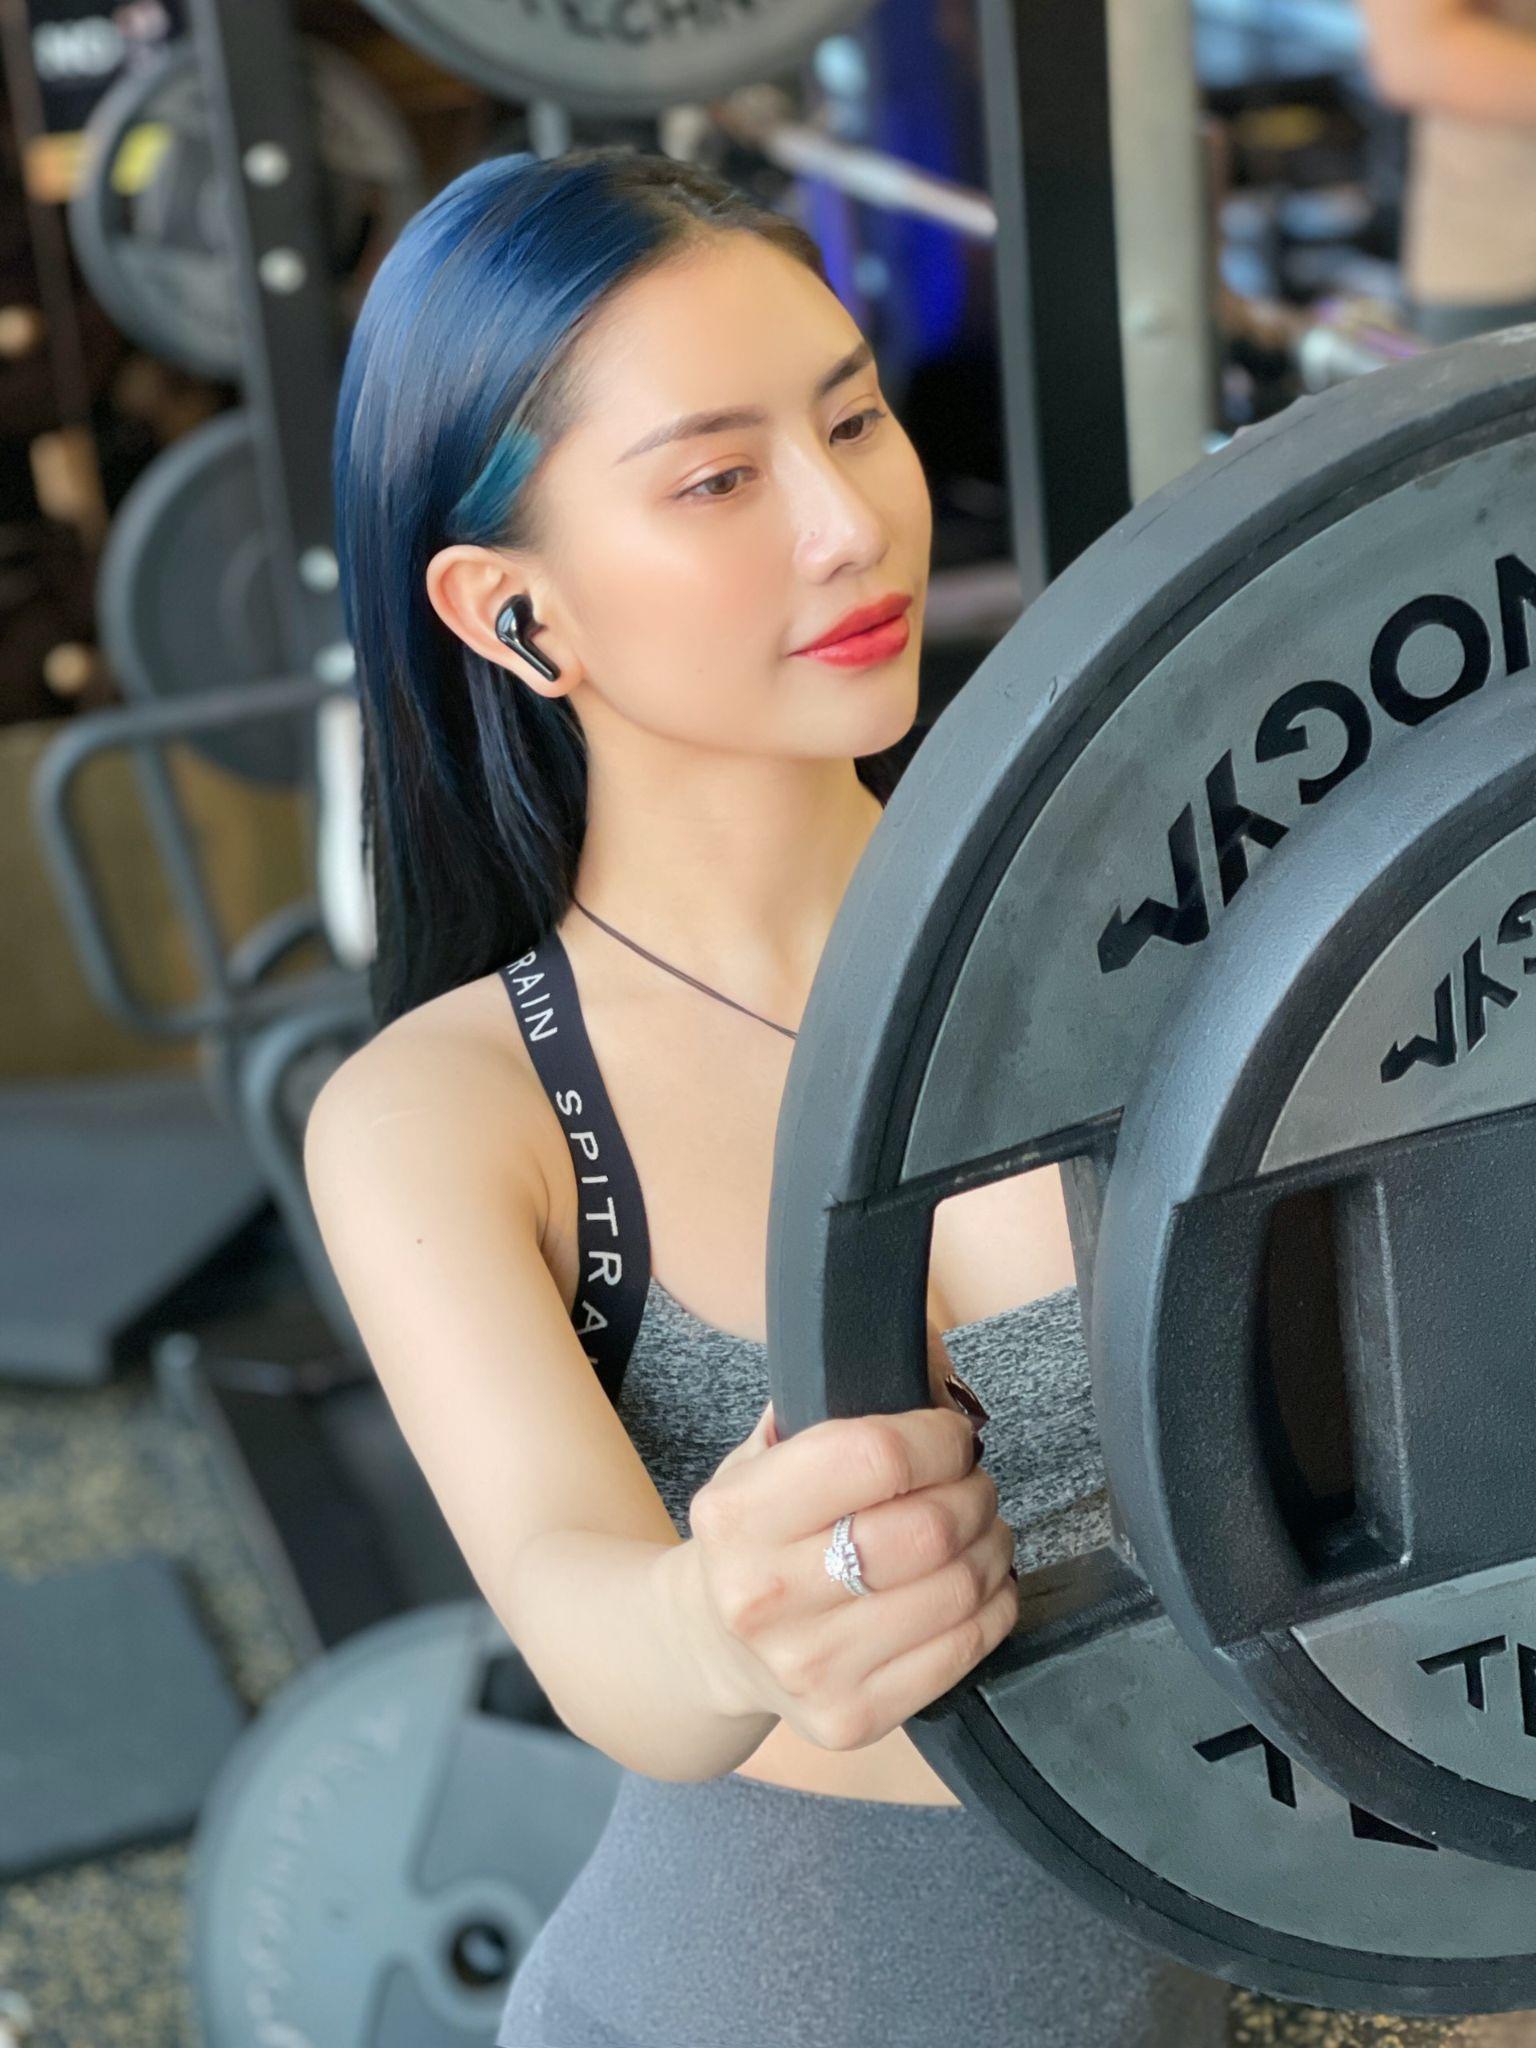 Nữ HLV thể dục gợi cảm chia sẻ bí quyết sở hữu thân hình đồng hồ cát - 3